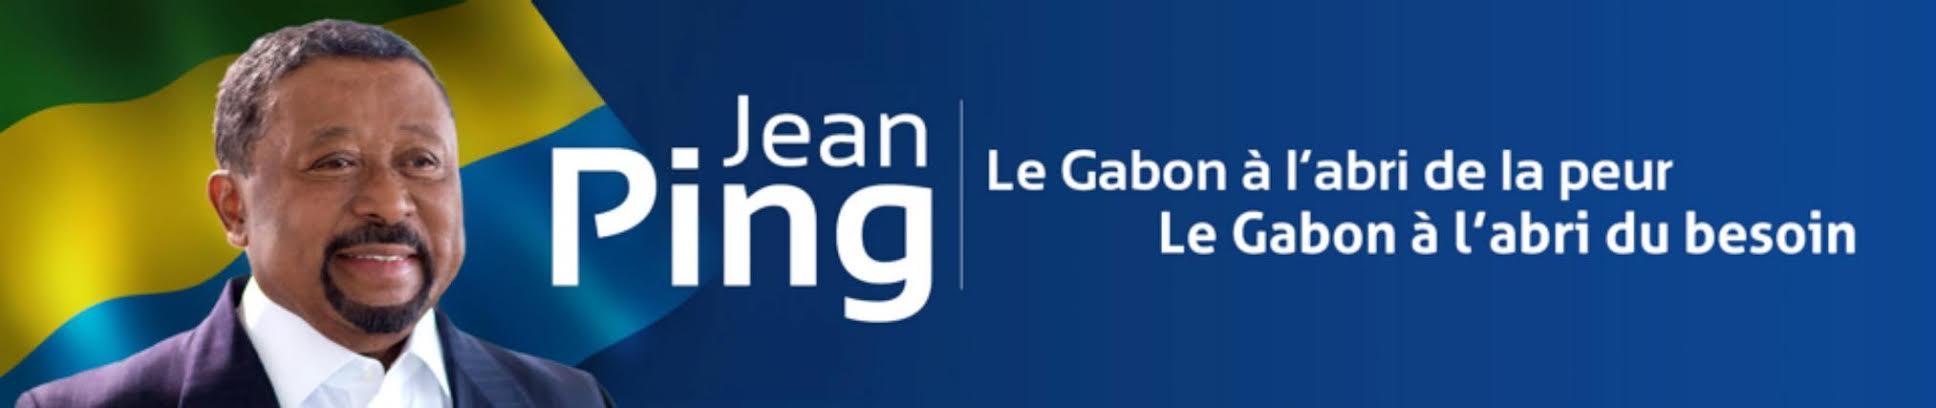 Gabon : Jean Ping devient l'opposant principal à Ali Bongo